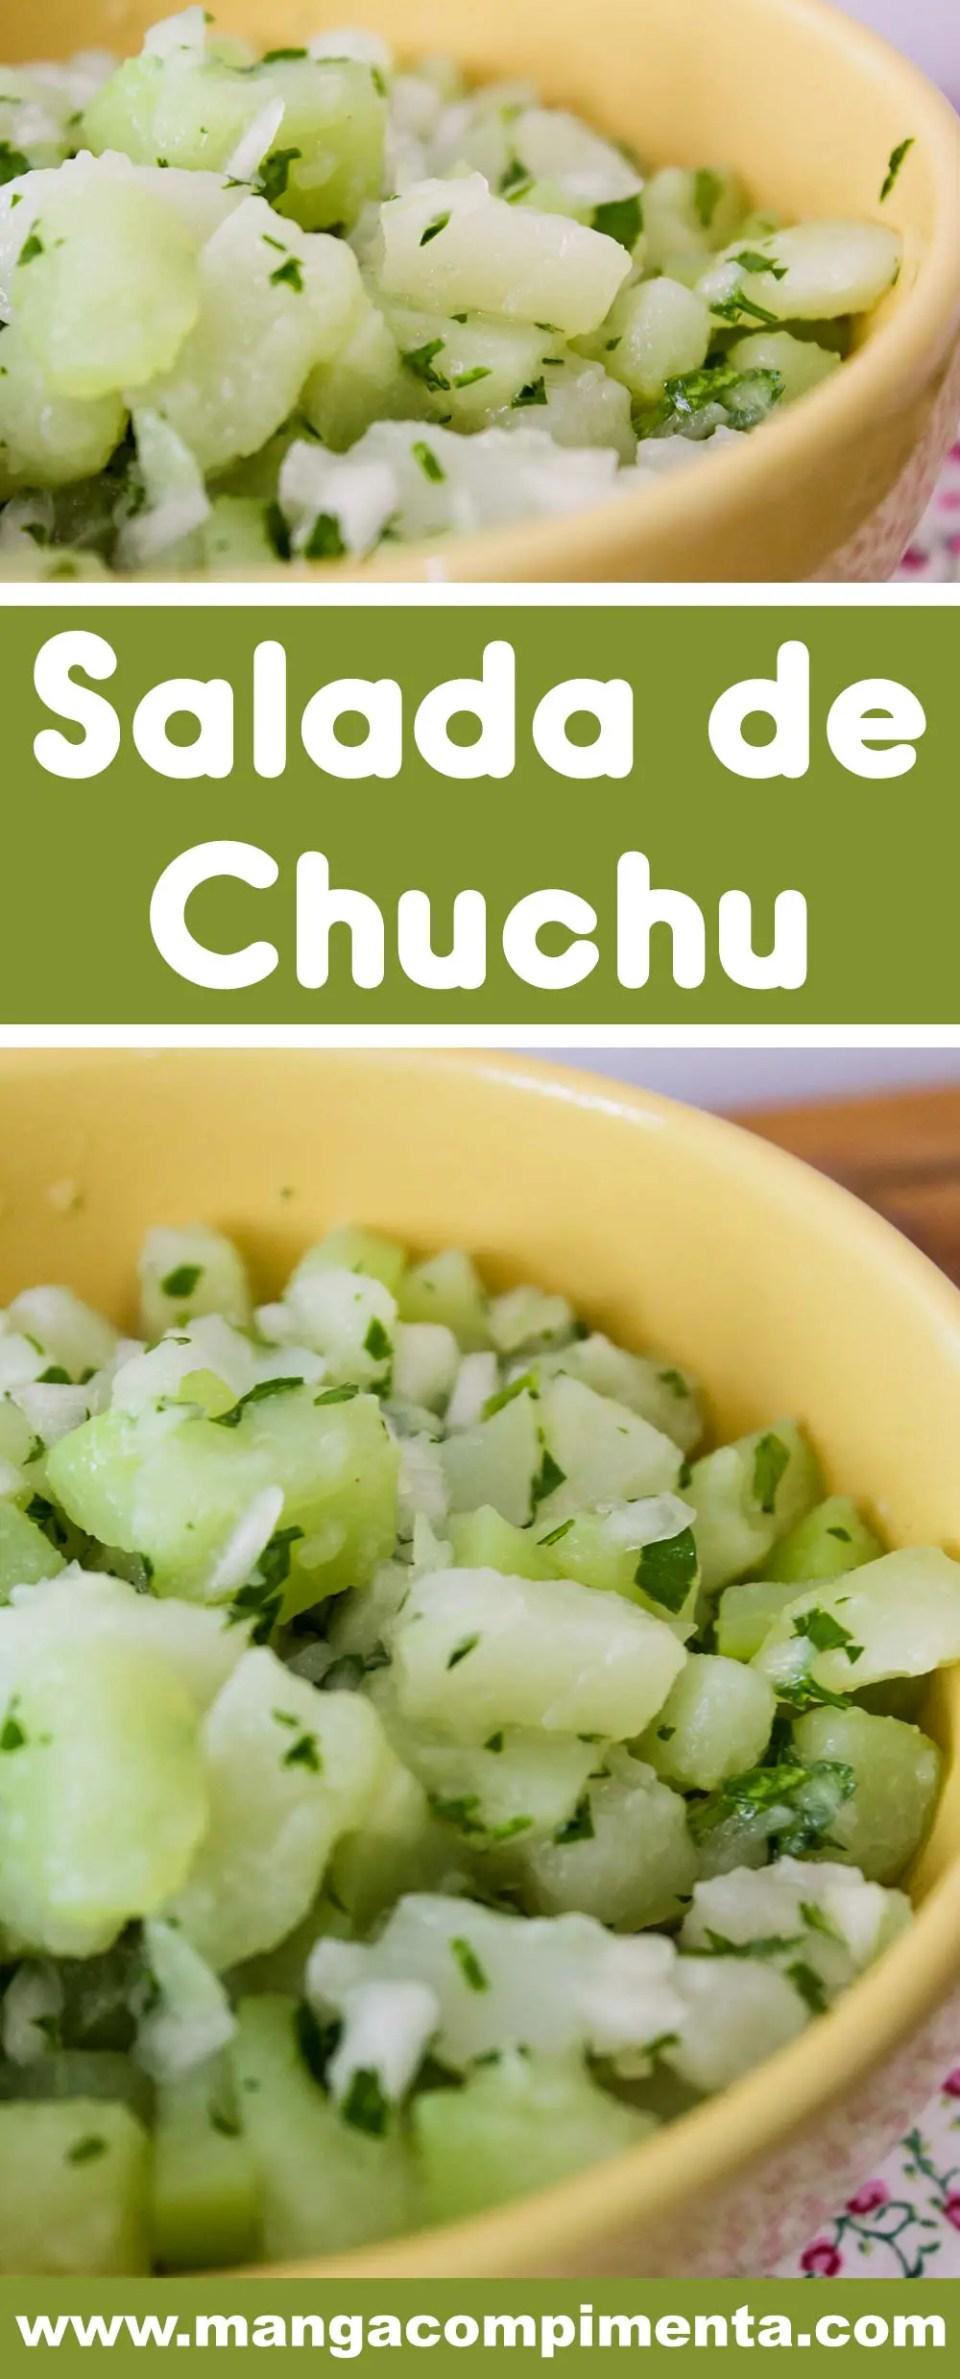 Salada de Chuchu - veja como é fácil de fazer, um prato nutritivo para as refeições do dia a dia!